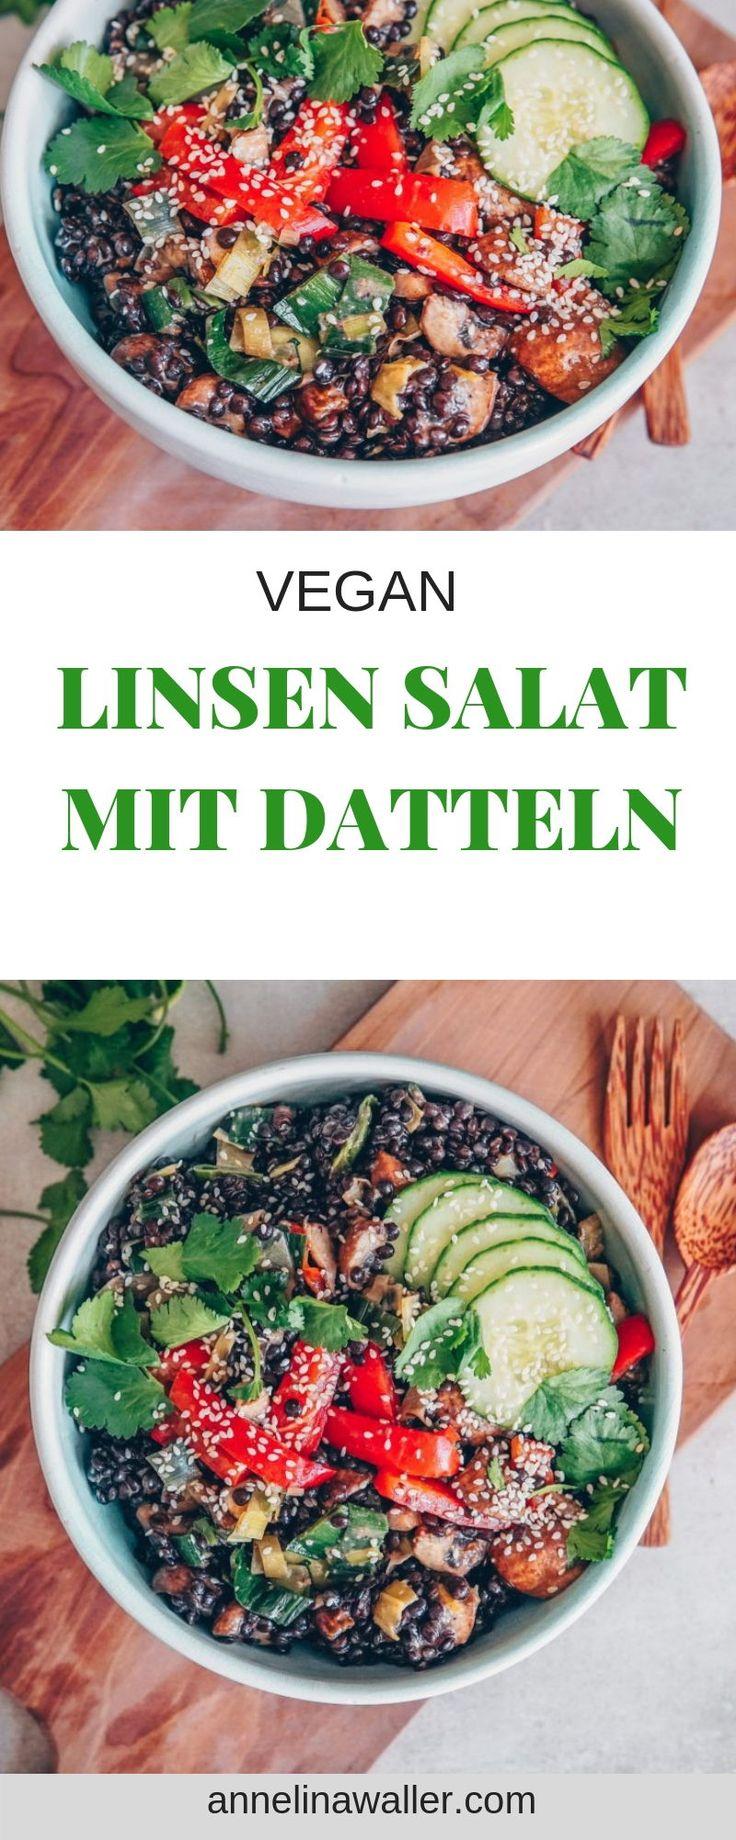 Linsensalat mit Datteln, vegan   – Annelina Waller vegane Rezepte und nachhaltiges Leben